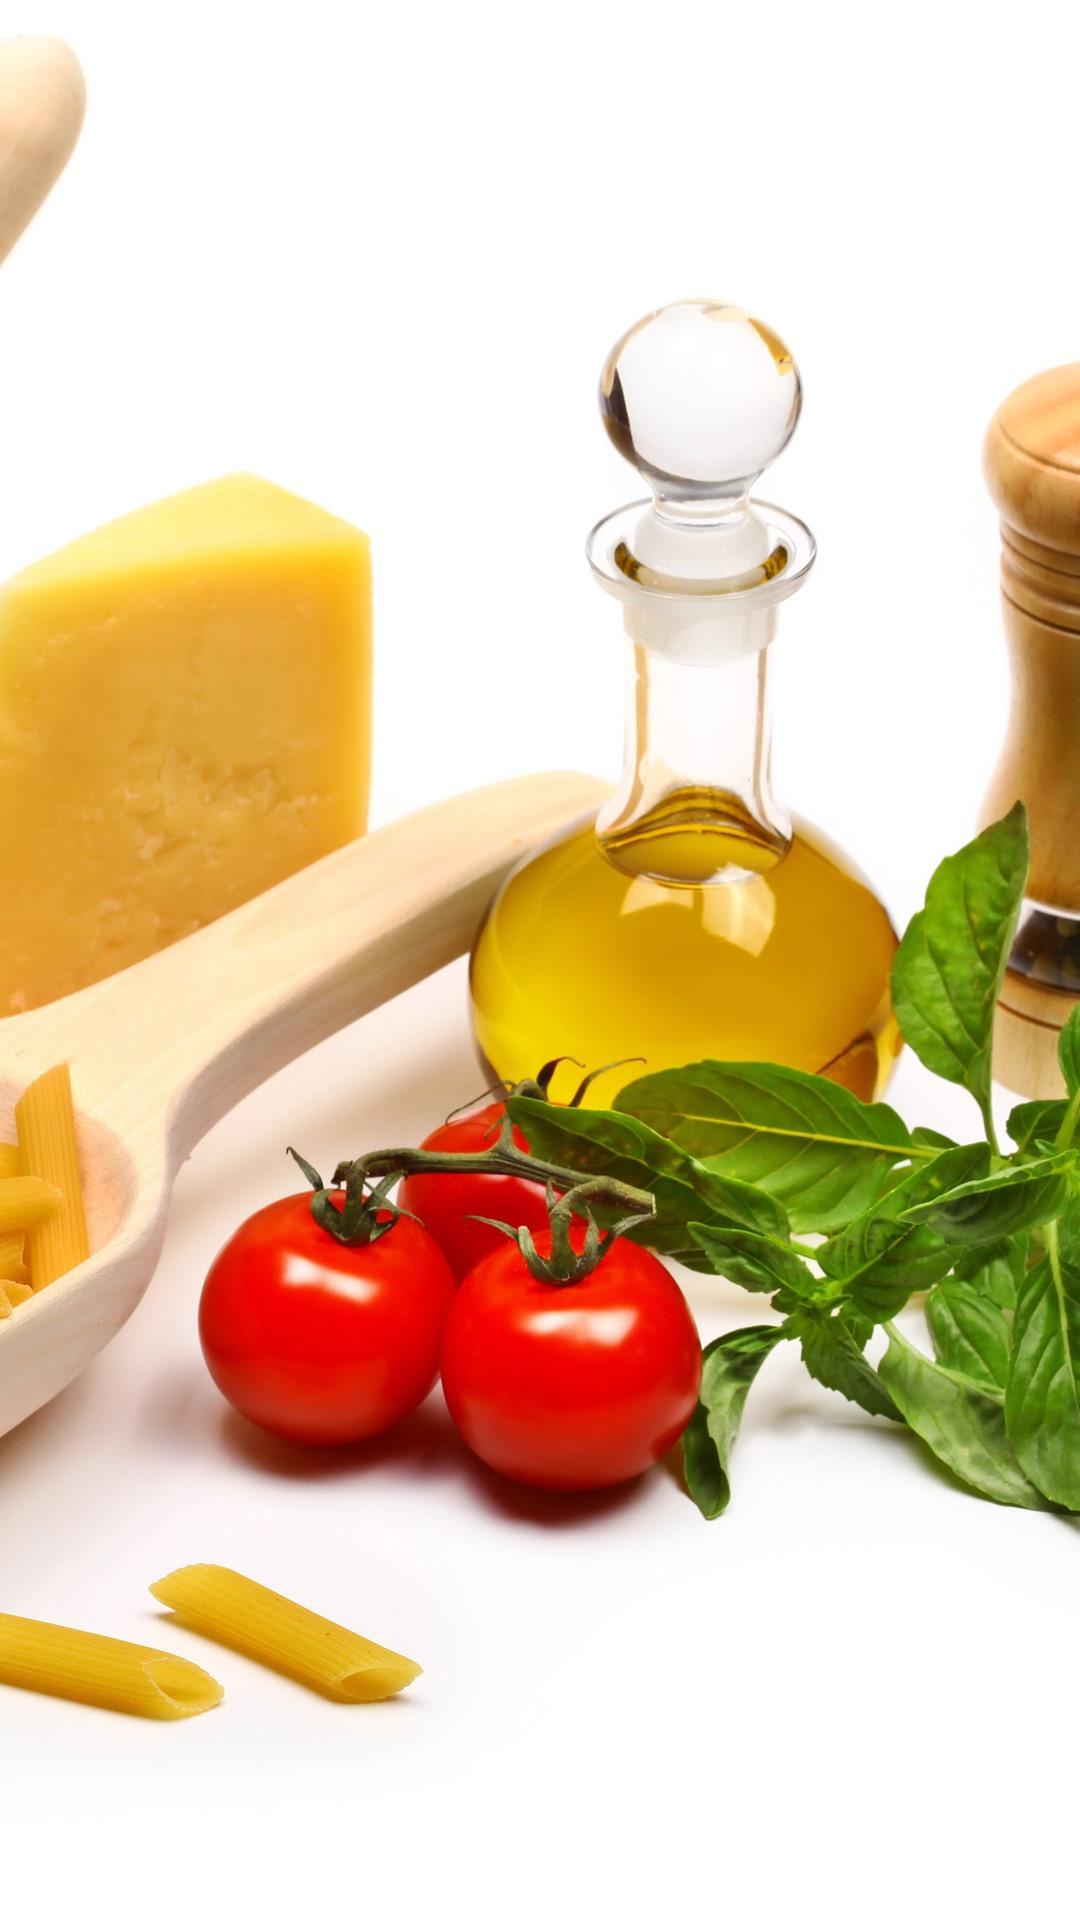 意大利面 洋葱 西红柿 油 白色背景1242x26 Iphone 11 Pro Xs Max 壁纸 图片 背景 照片